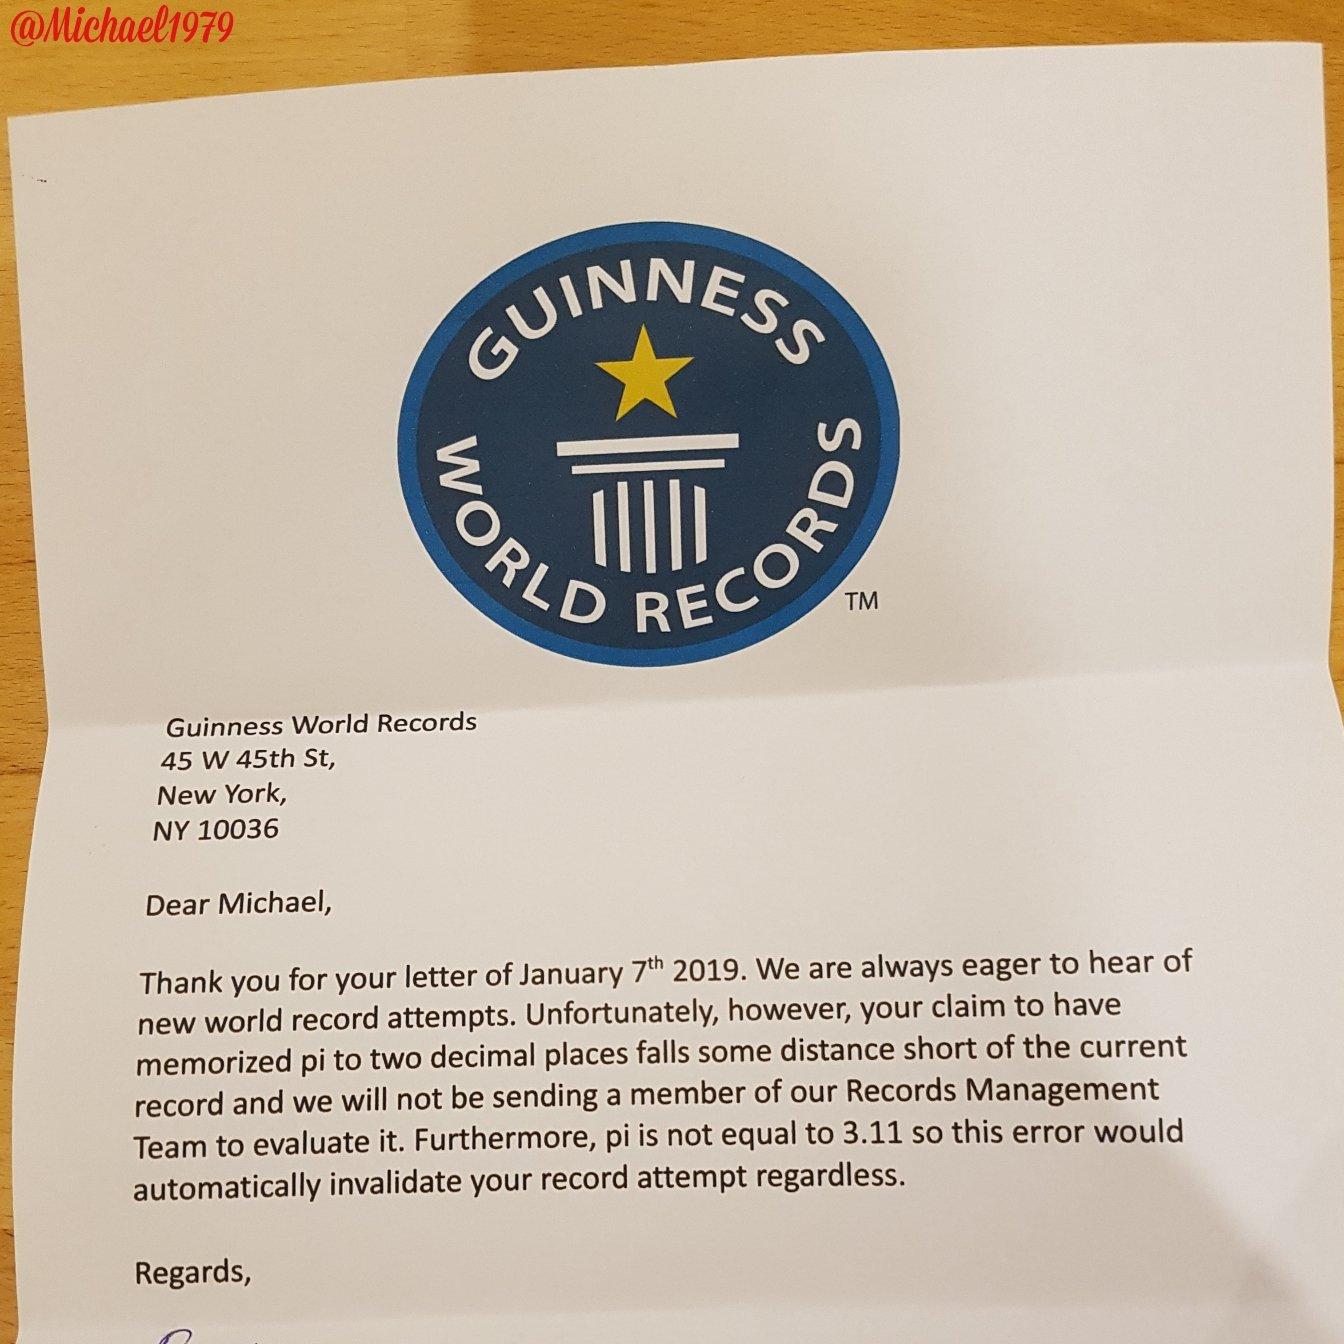 Thanh niên được Guinness viết thư từ chối vì kỷ lục không ai thèm phá, đã thế còn sai kiến thức cơ bản - Ảnh 1.